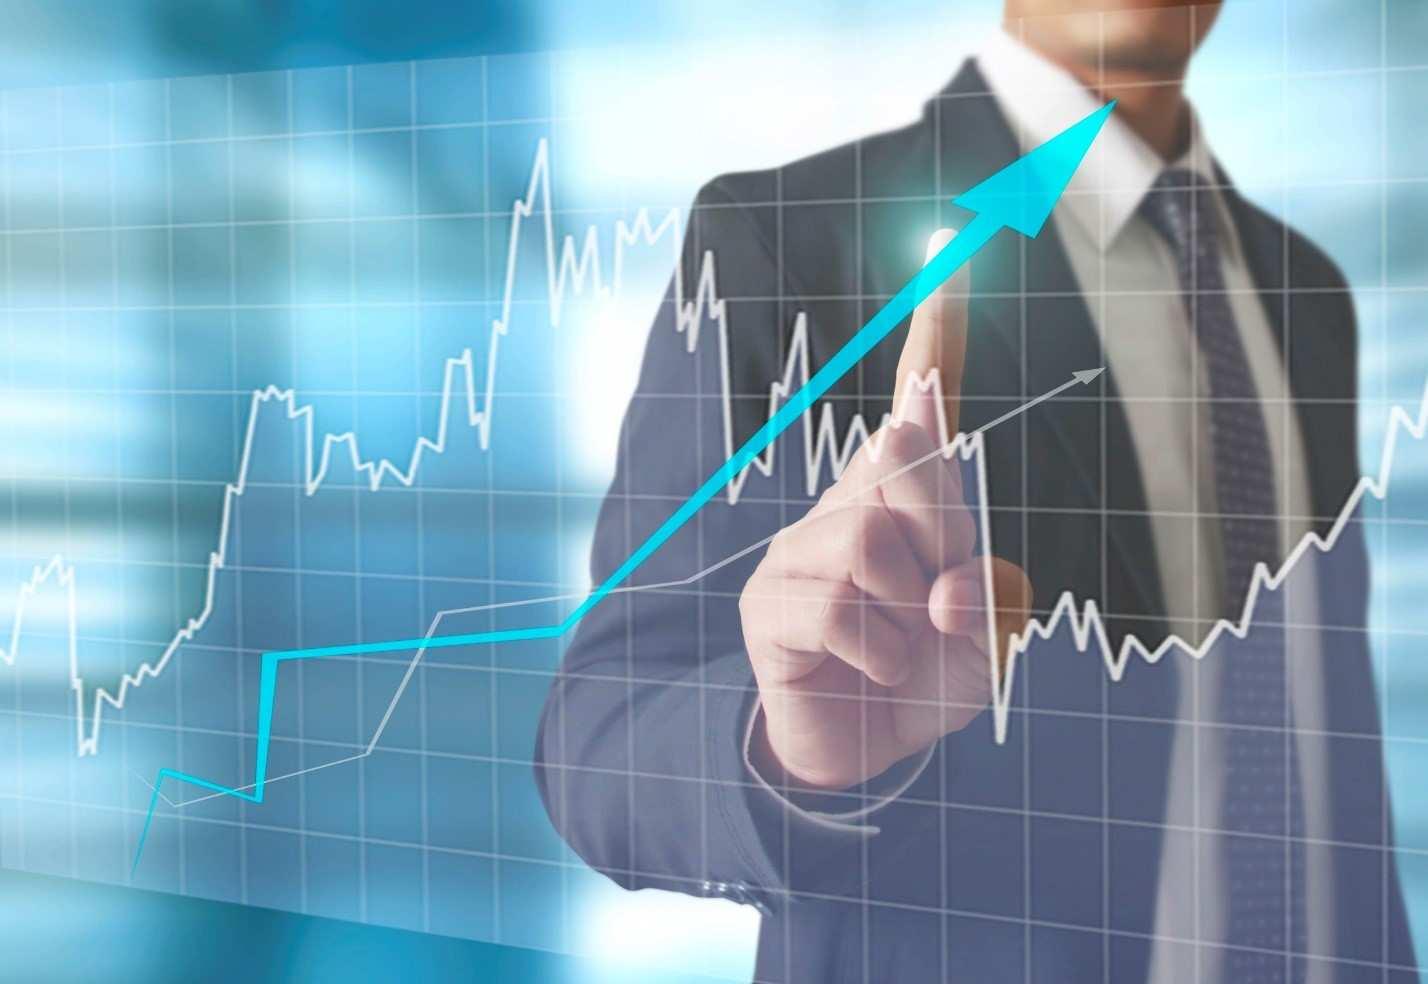 Nhà đầu tư có kinh nghiệm lâu năm vẫn mắc phải sai lầm khi đầu tư